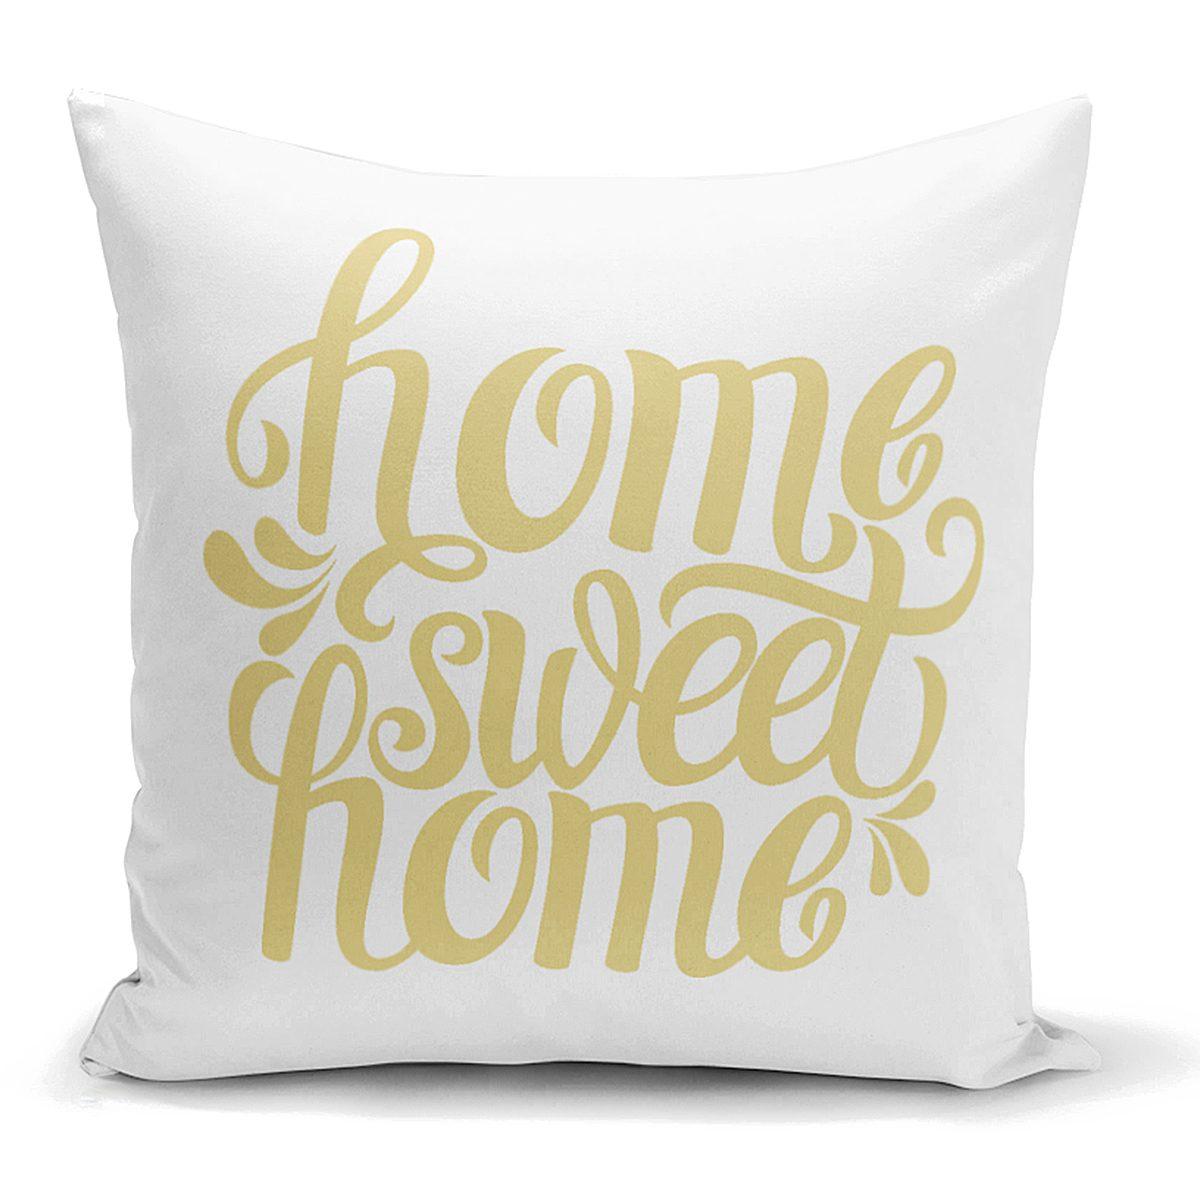 Hardal Renk Home Sweet Home Dijital Baskılı Yastık Kırlent Kılıfı Realhomes